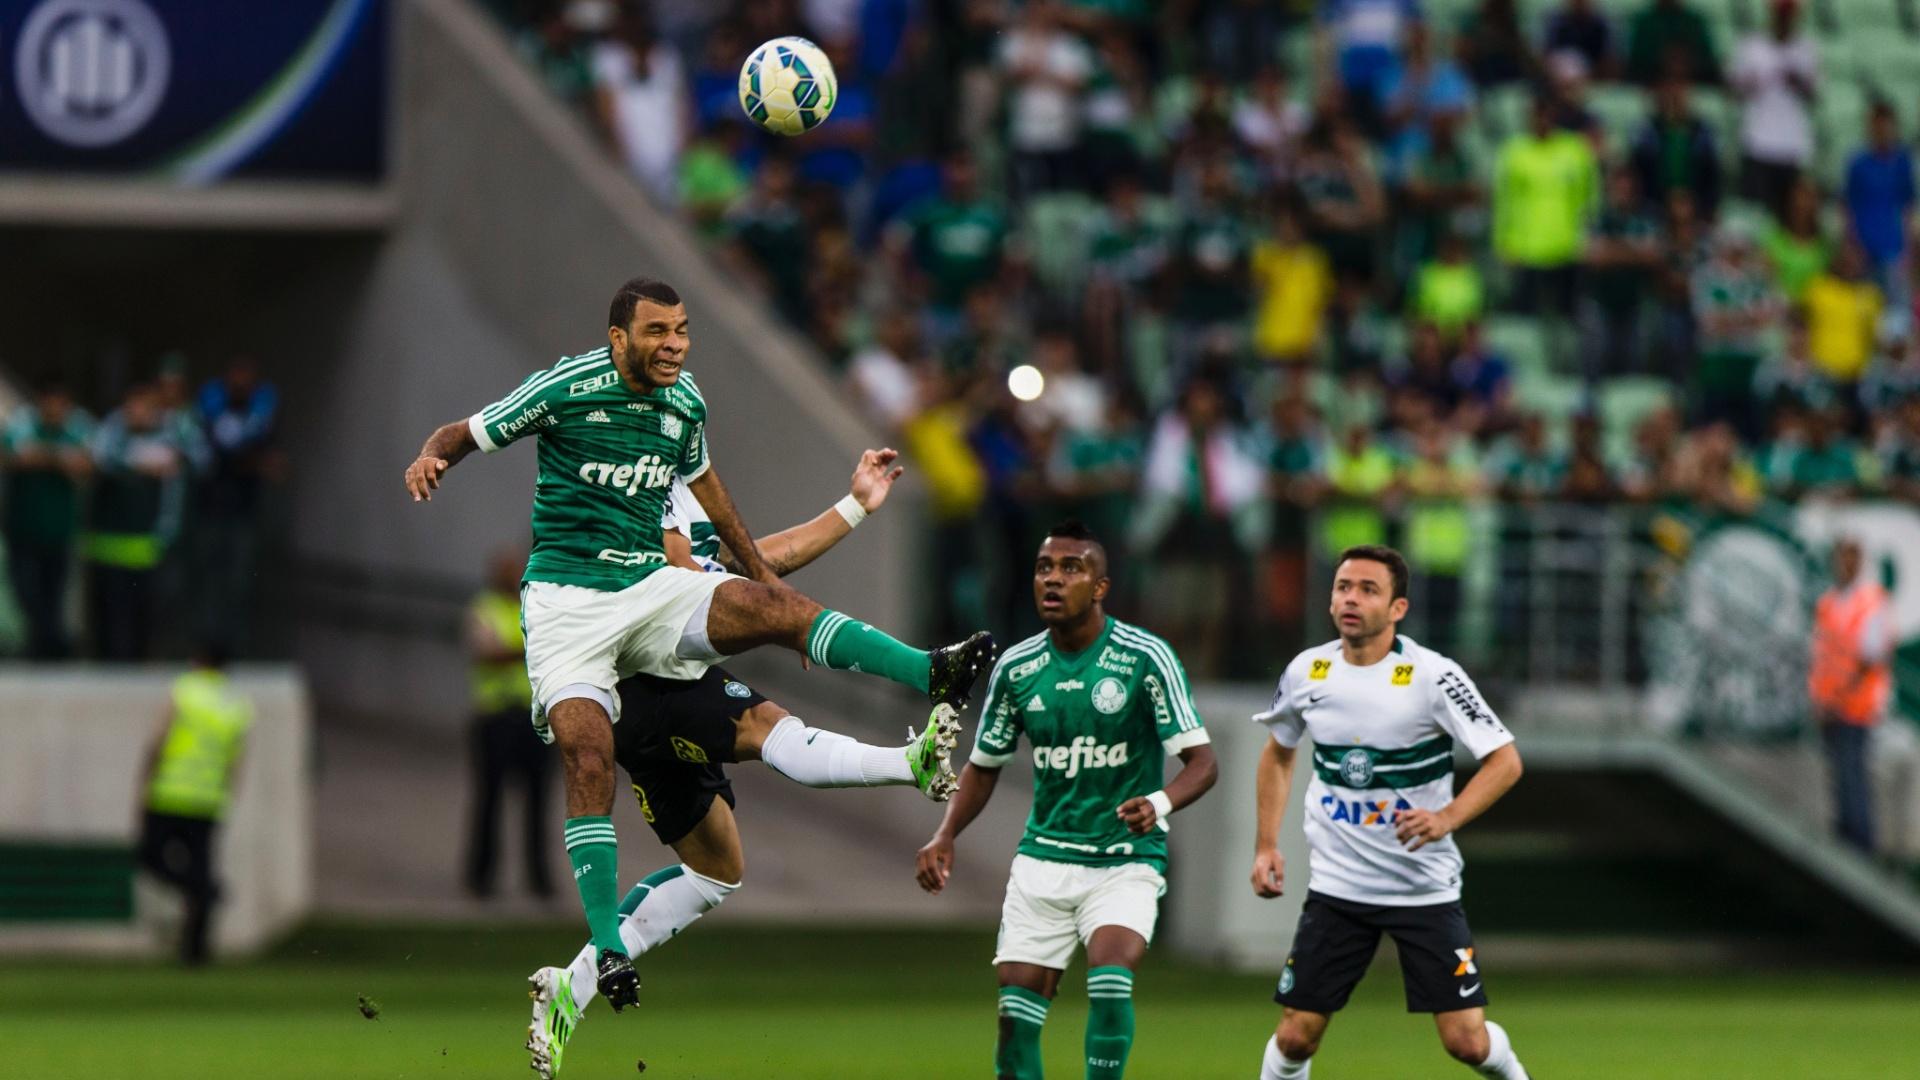 Jogadores de Palmeiras e Coritiba disputam bola pelo alto durante confronto válido pela 37ª rodada do Campeonato Brasileiro